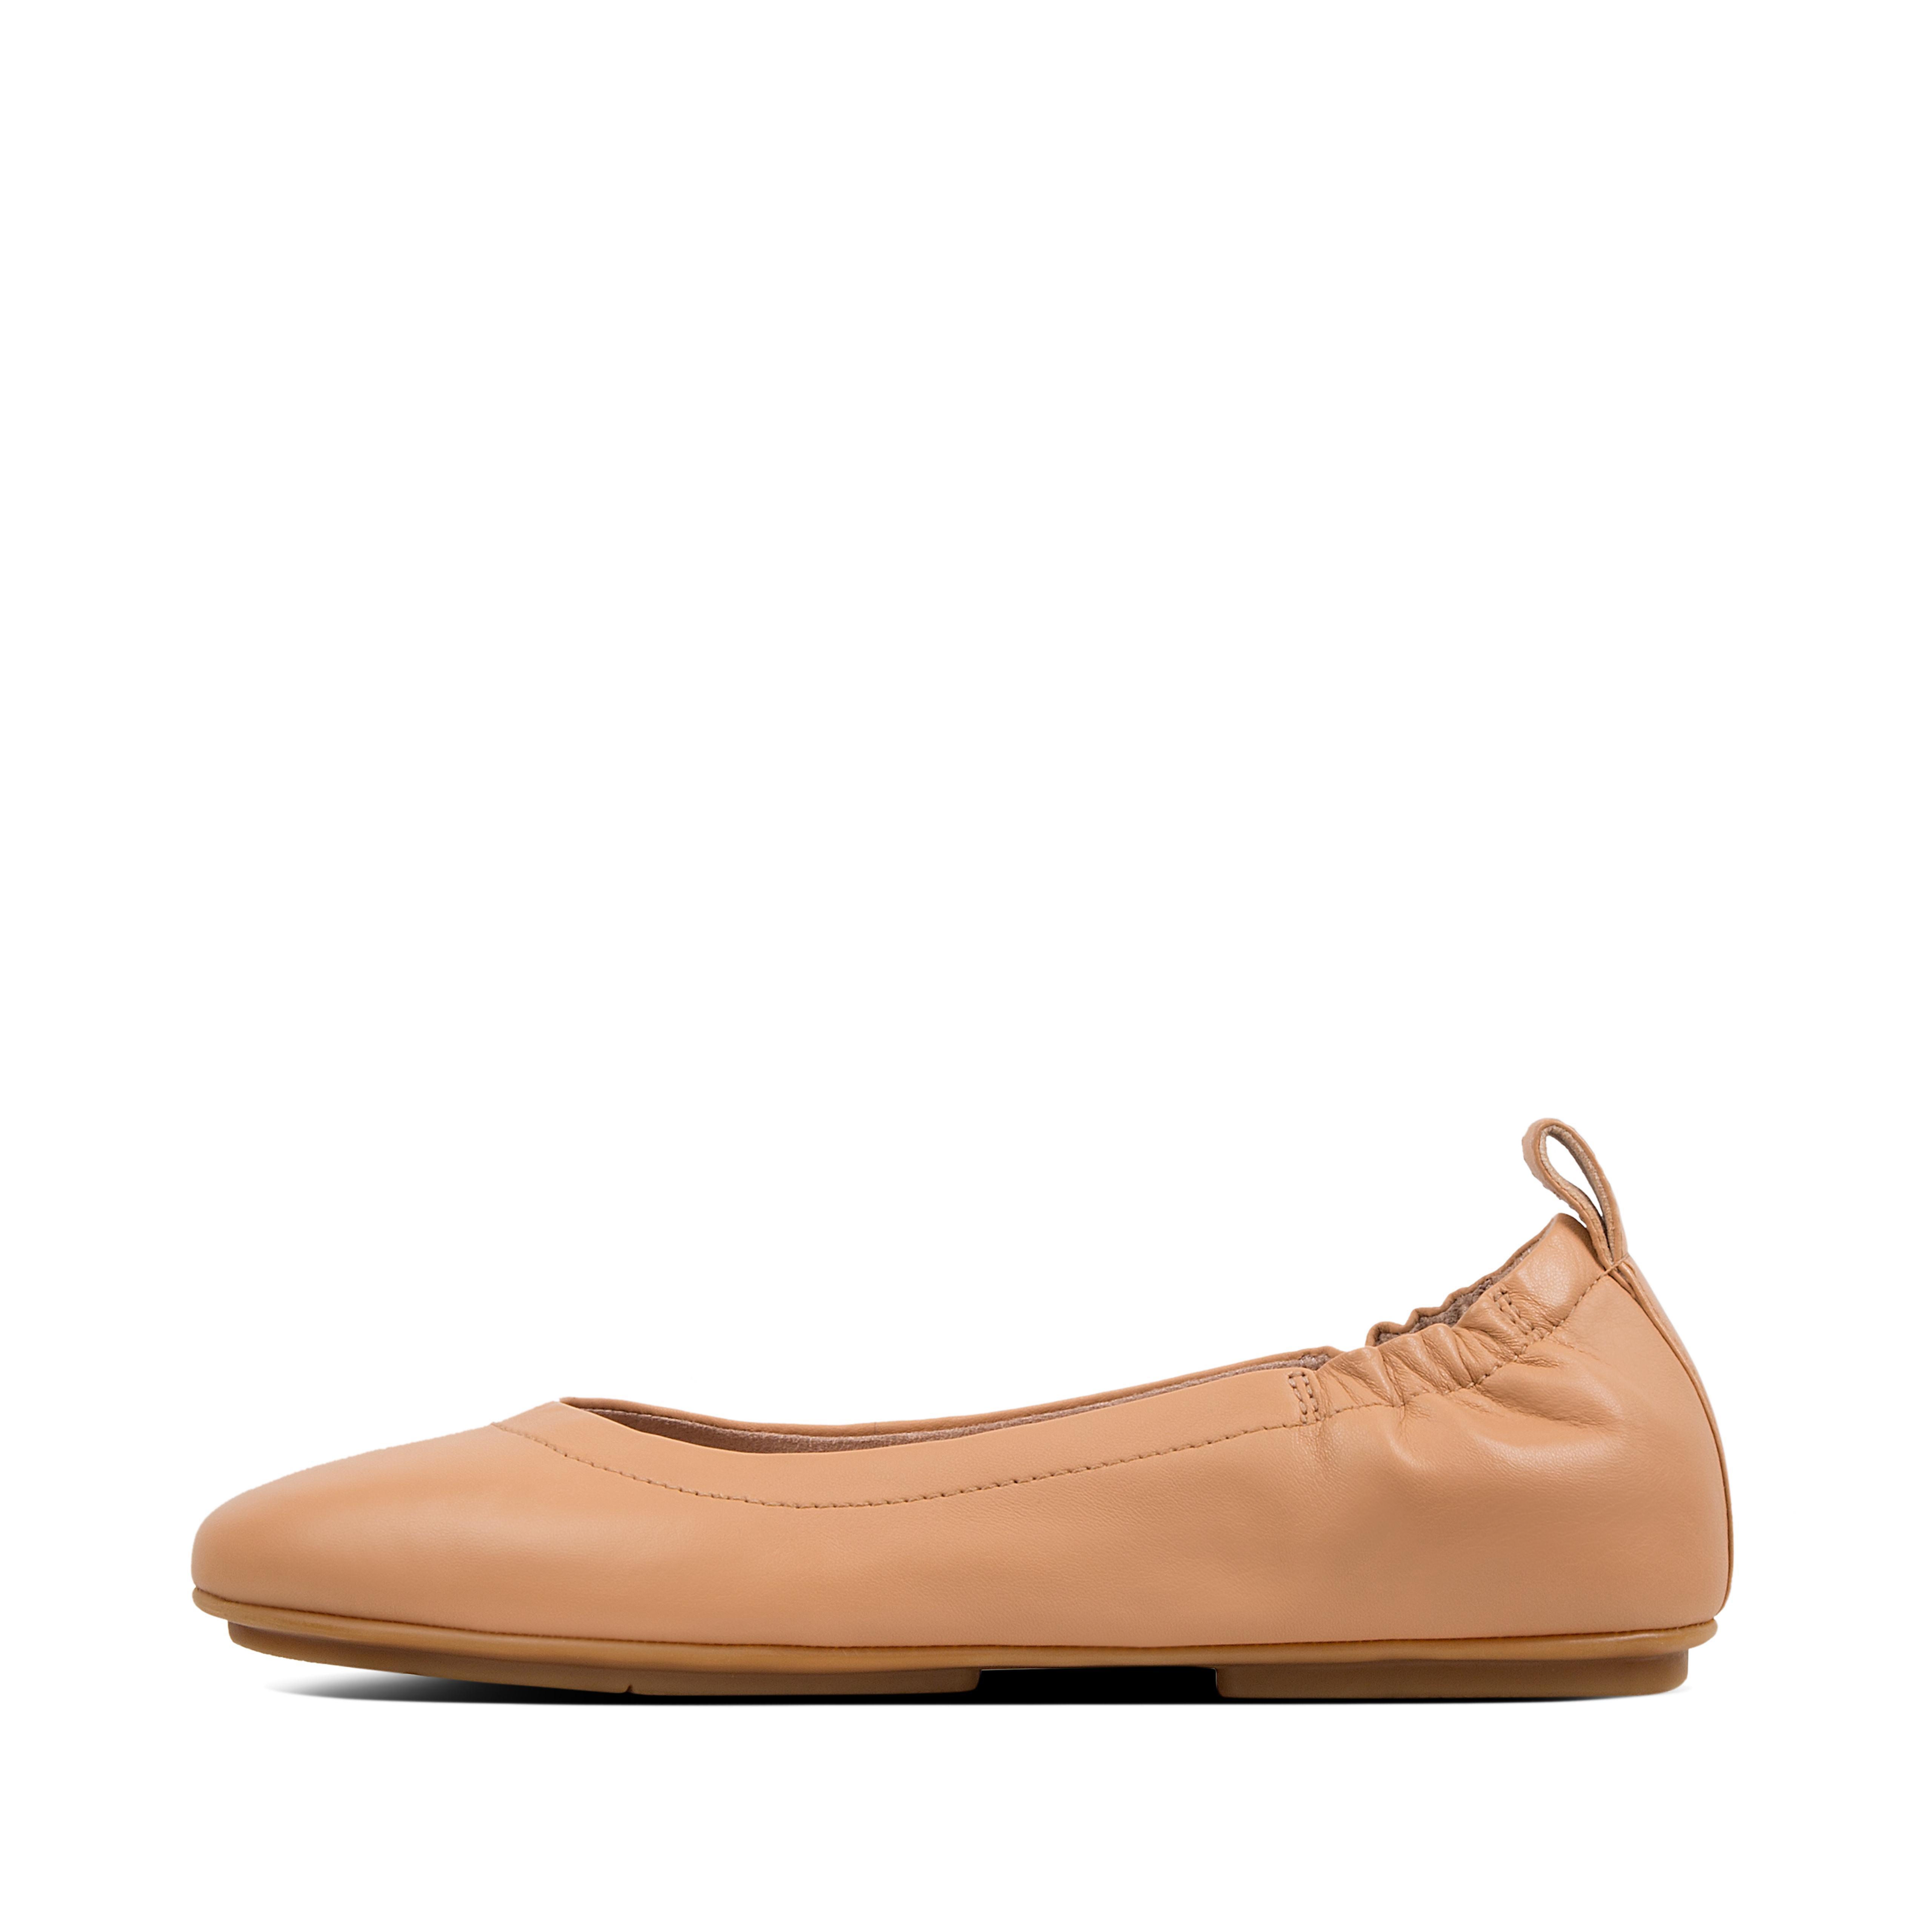 Allegro ballerina blush q74 668?v=3